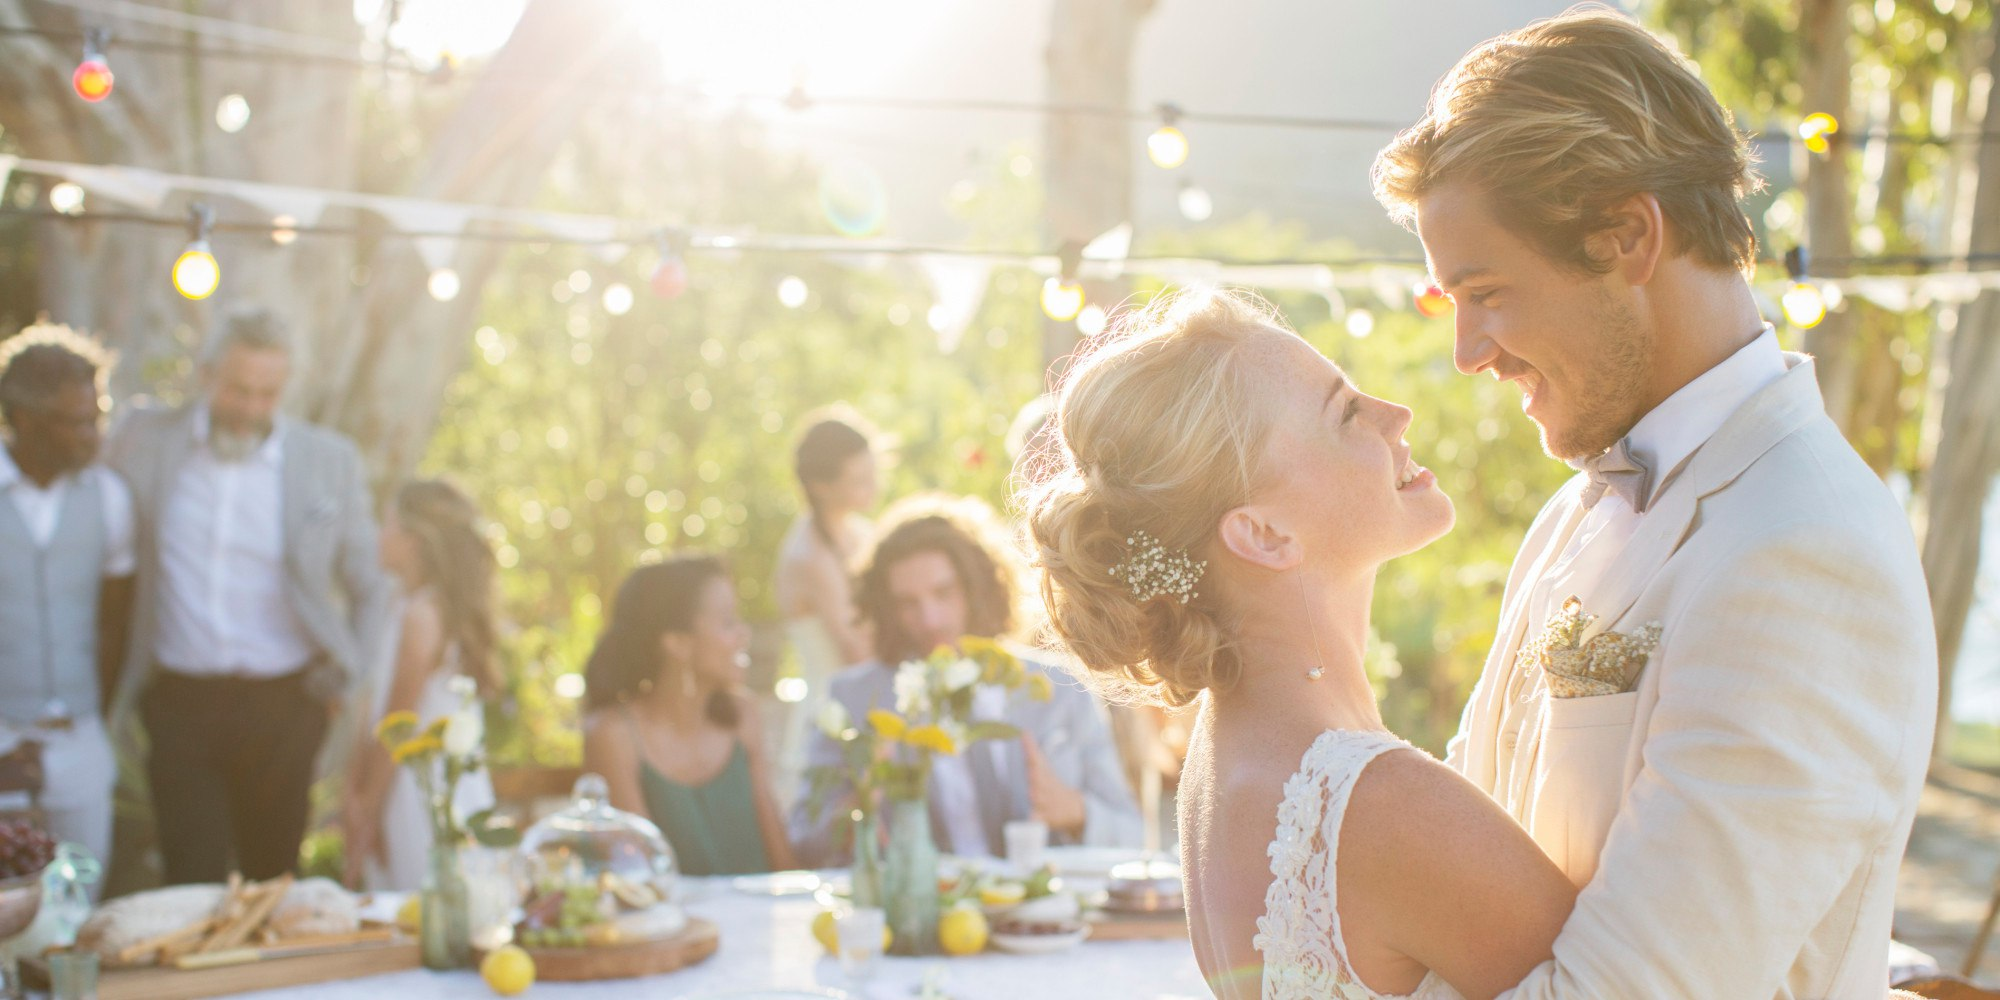 3rZab HwU8Y - Первый свадебный танец – 50 лучших композиций